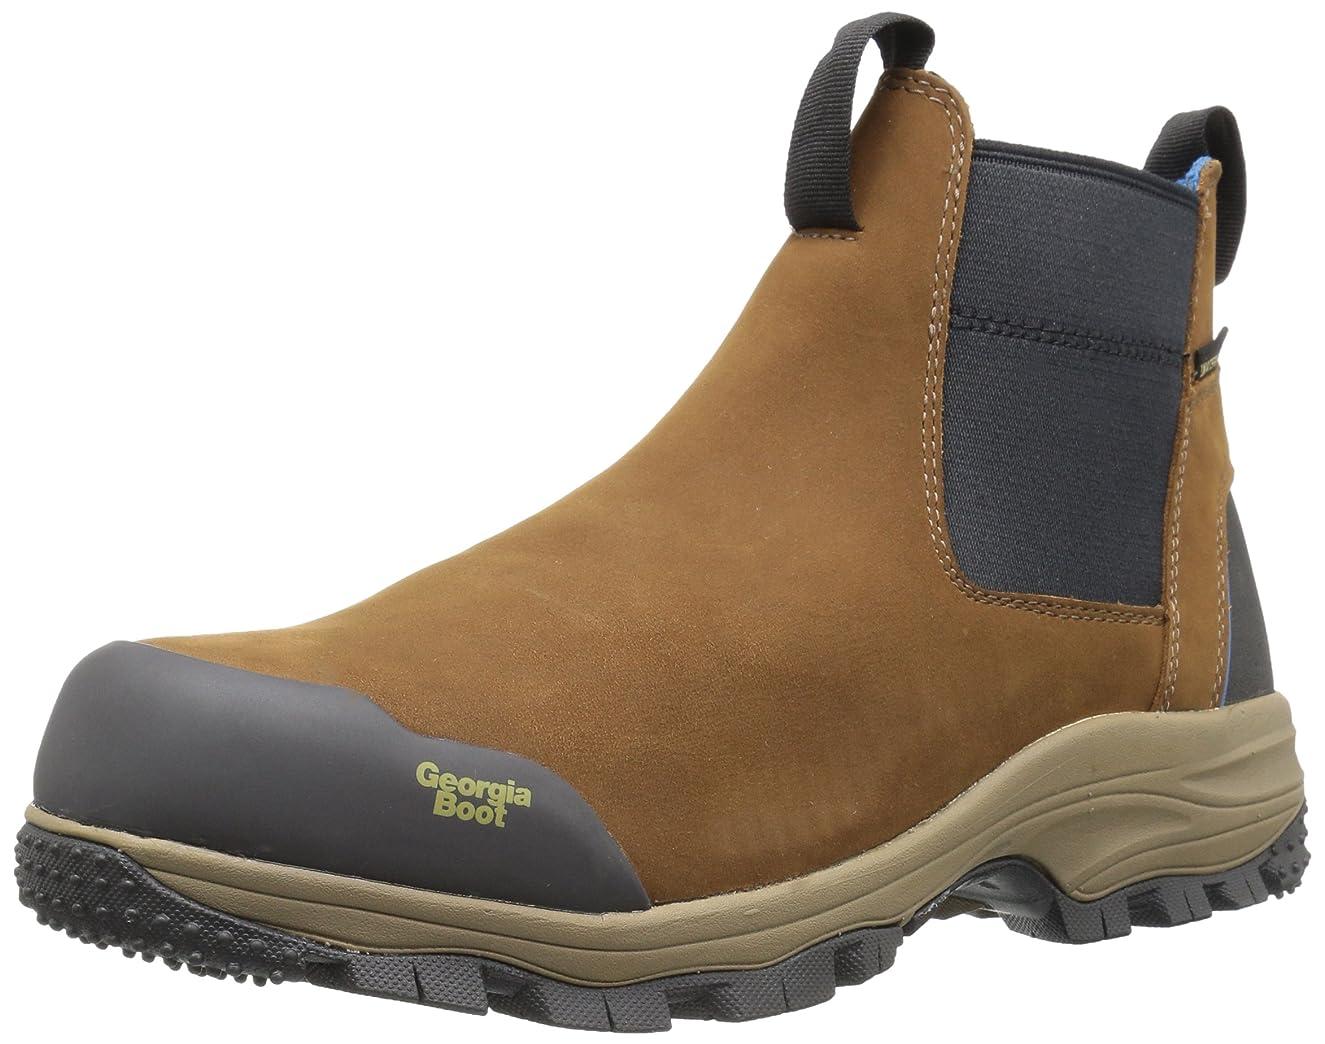 8d07a819941 Dunham Men's Addison Mid-Cut Waterproof Boot tzkqu805788 ...